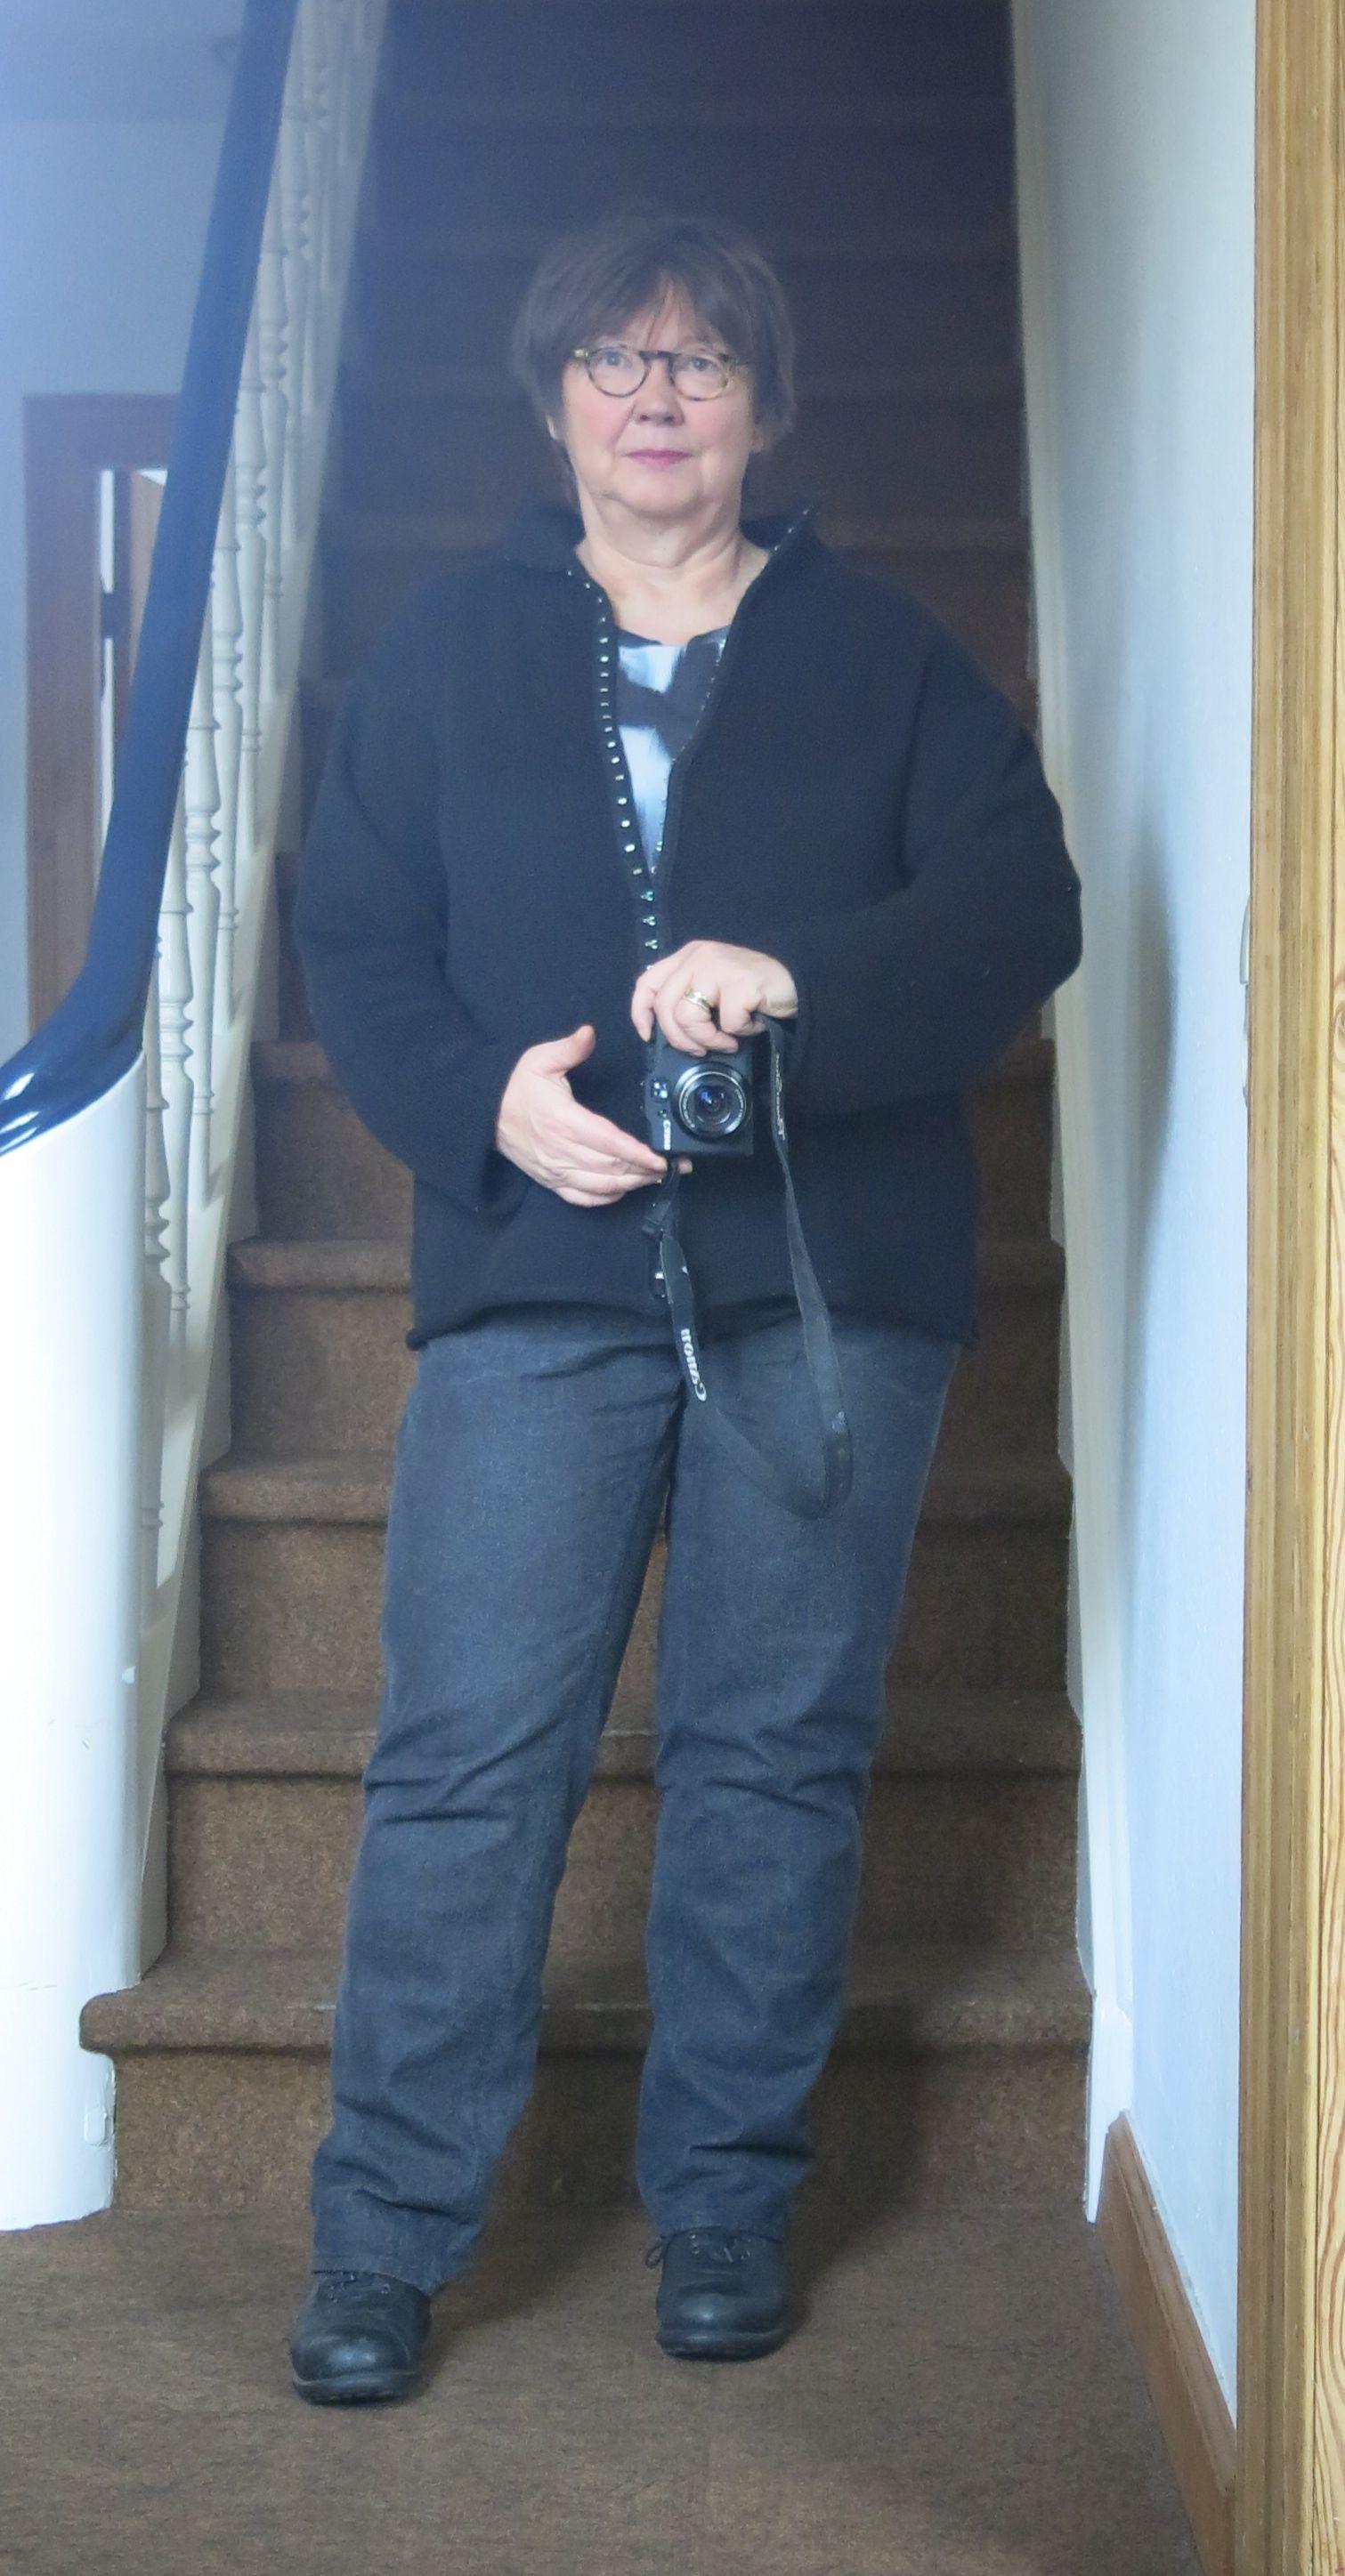 MMM schwarze Jeans monika shirt jacke